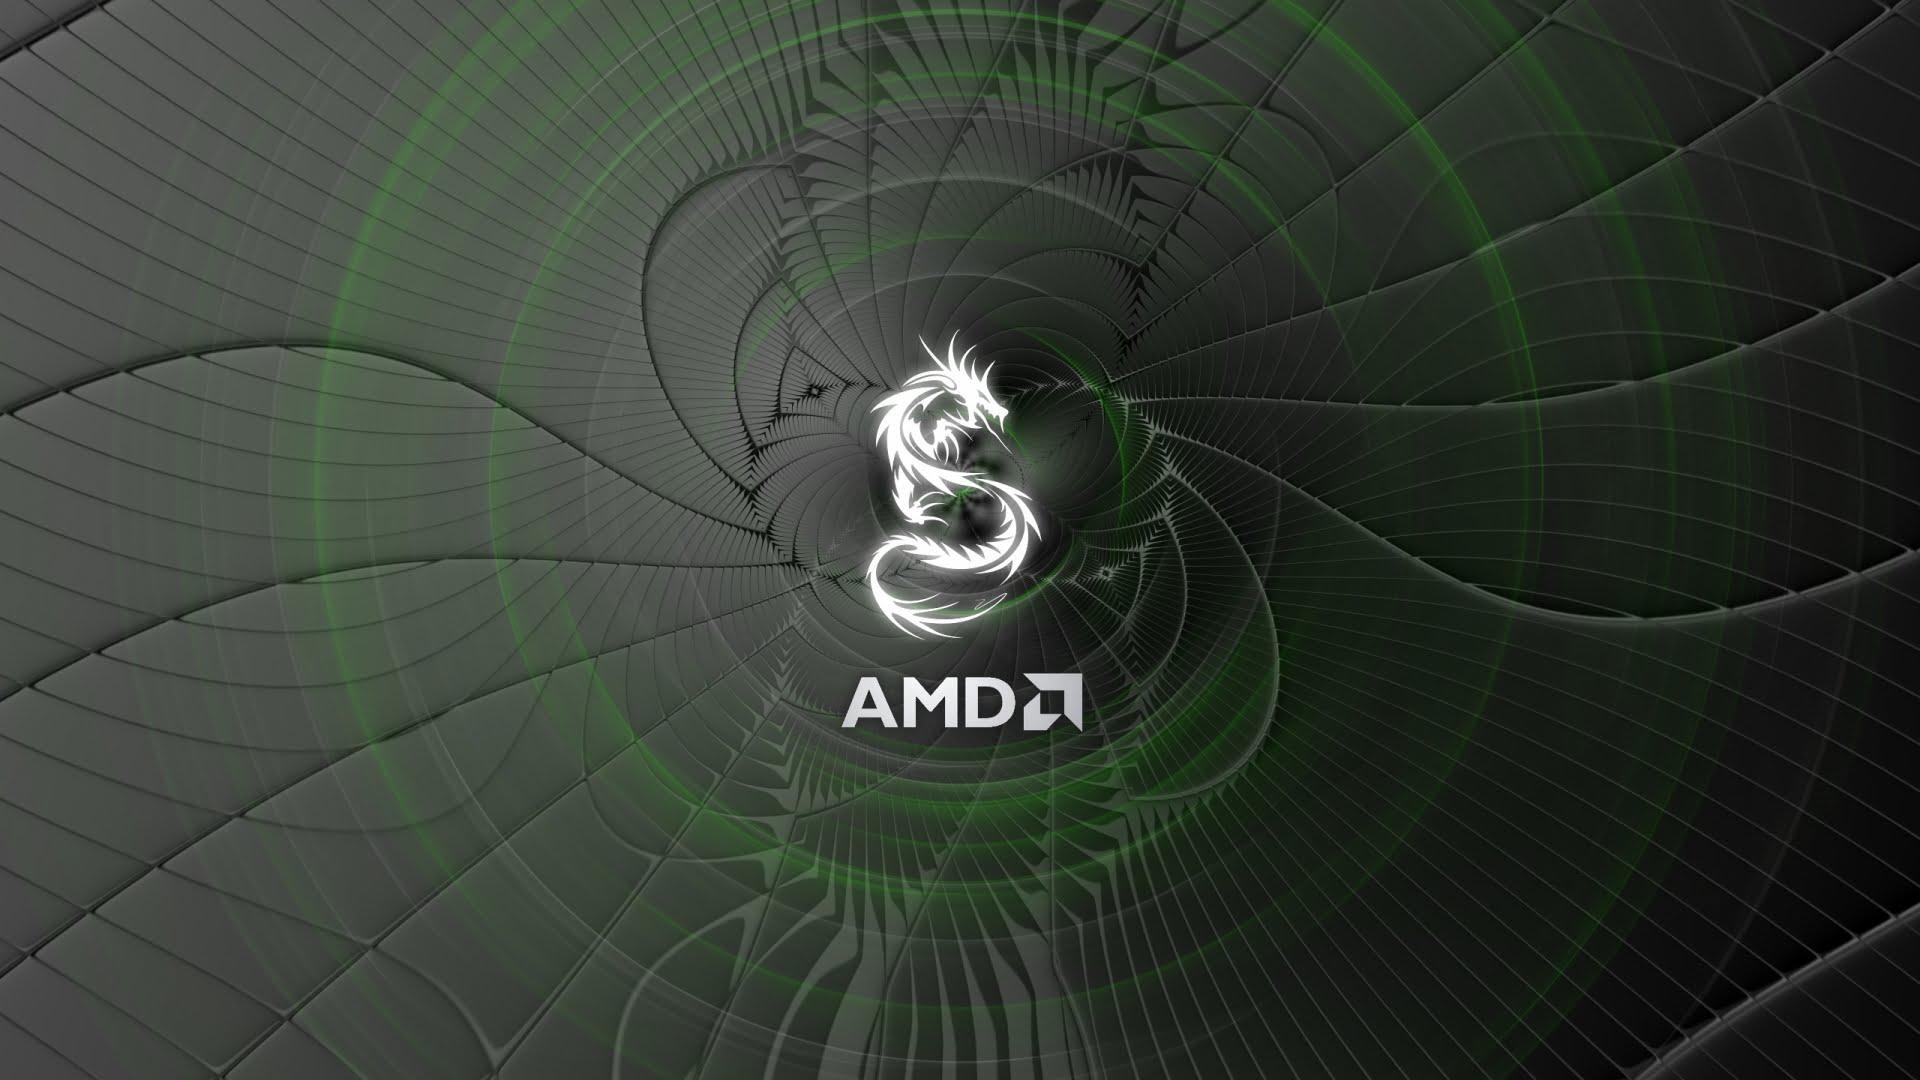 Wallpaper oscuro con el logotipo de la empresa AMD